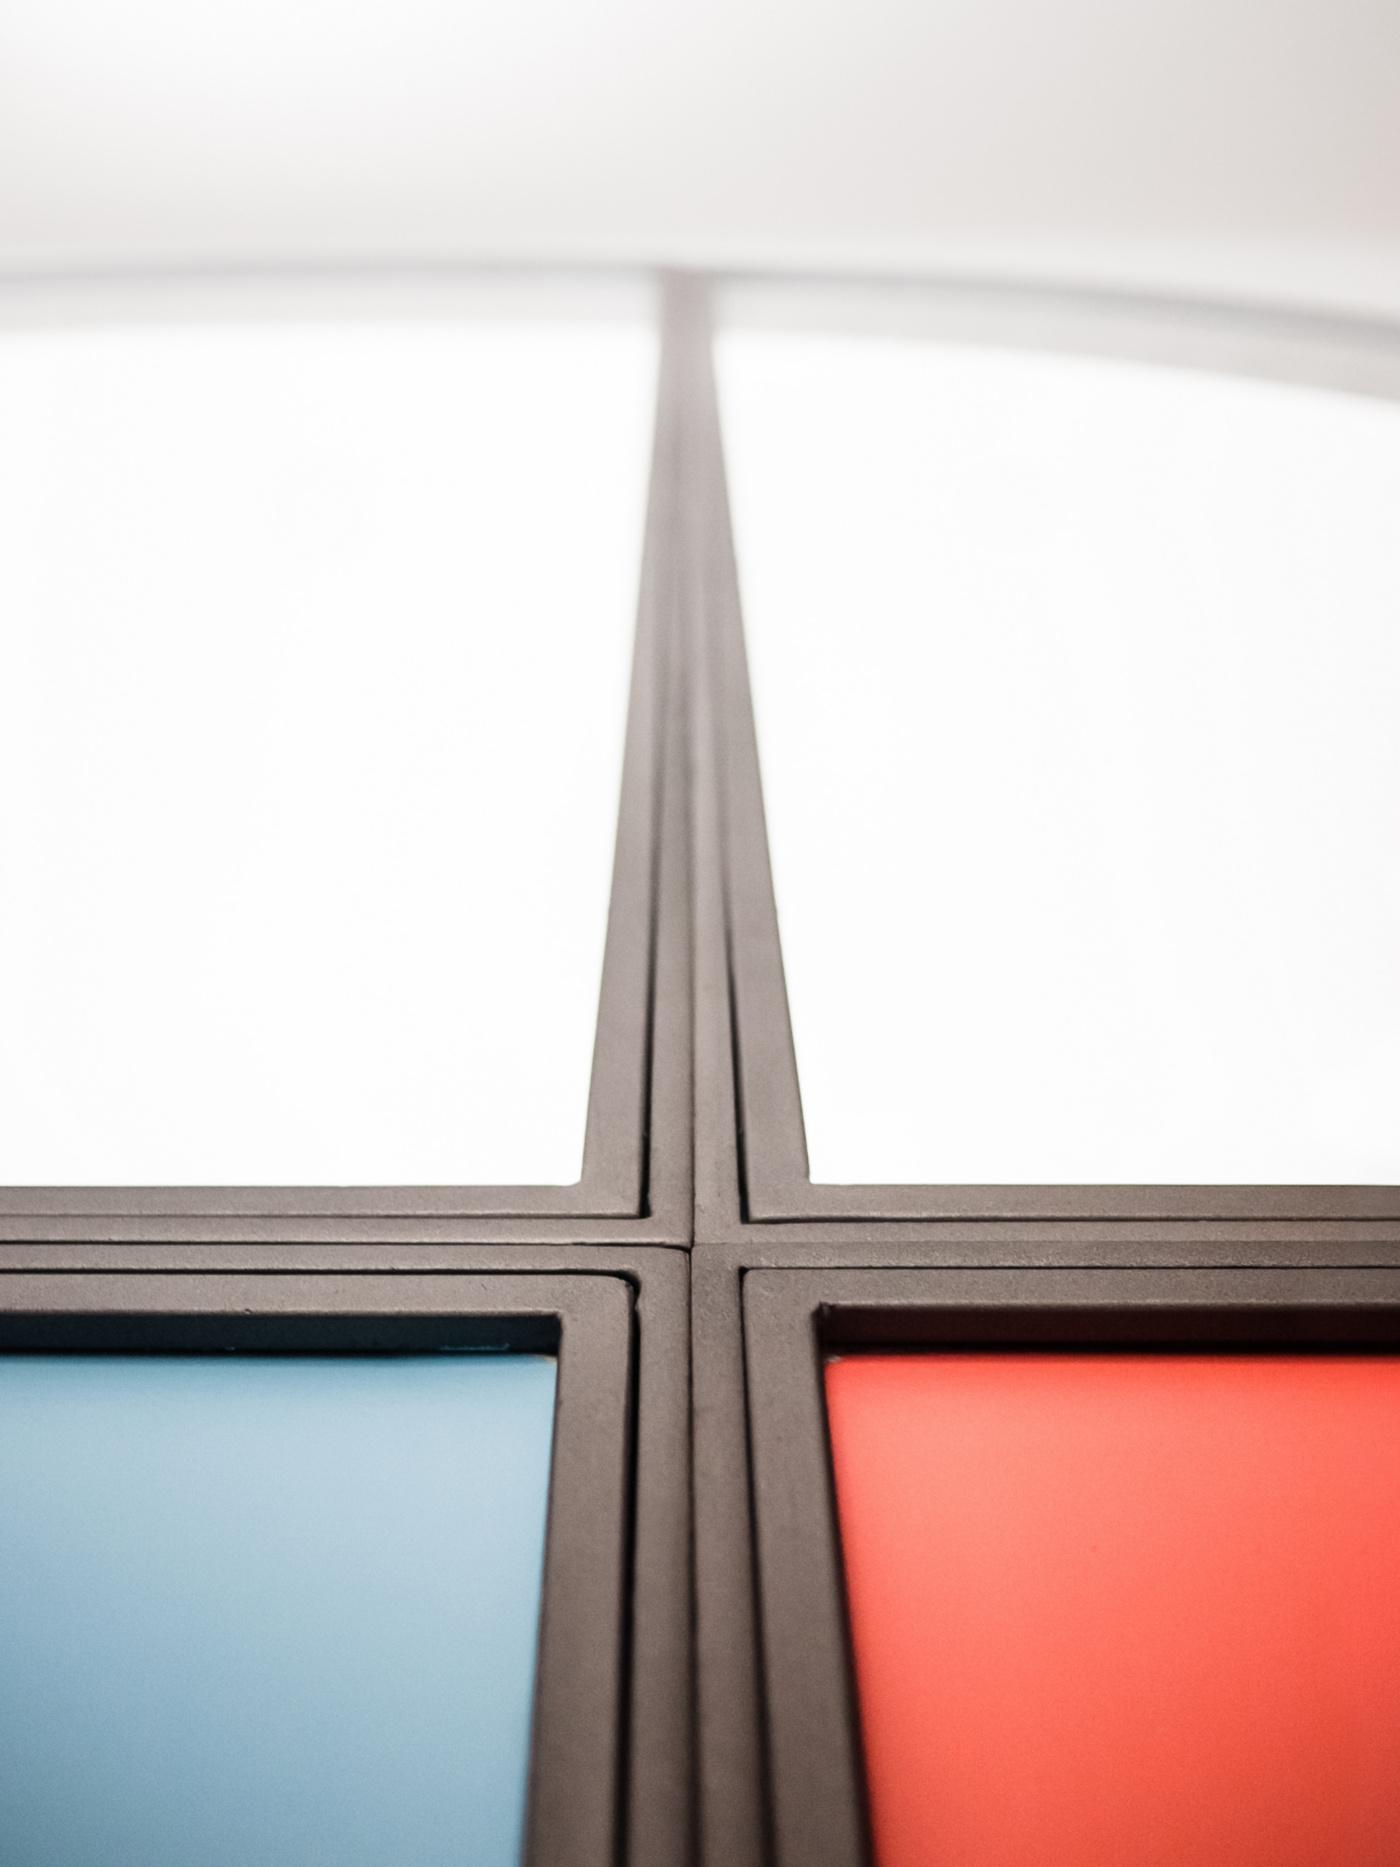 Trasformare una vetrata interna in un piccolo gioiello di interior design. Modanature metalliche e colori primari | Bottega di Architettura